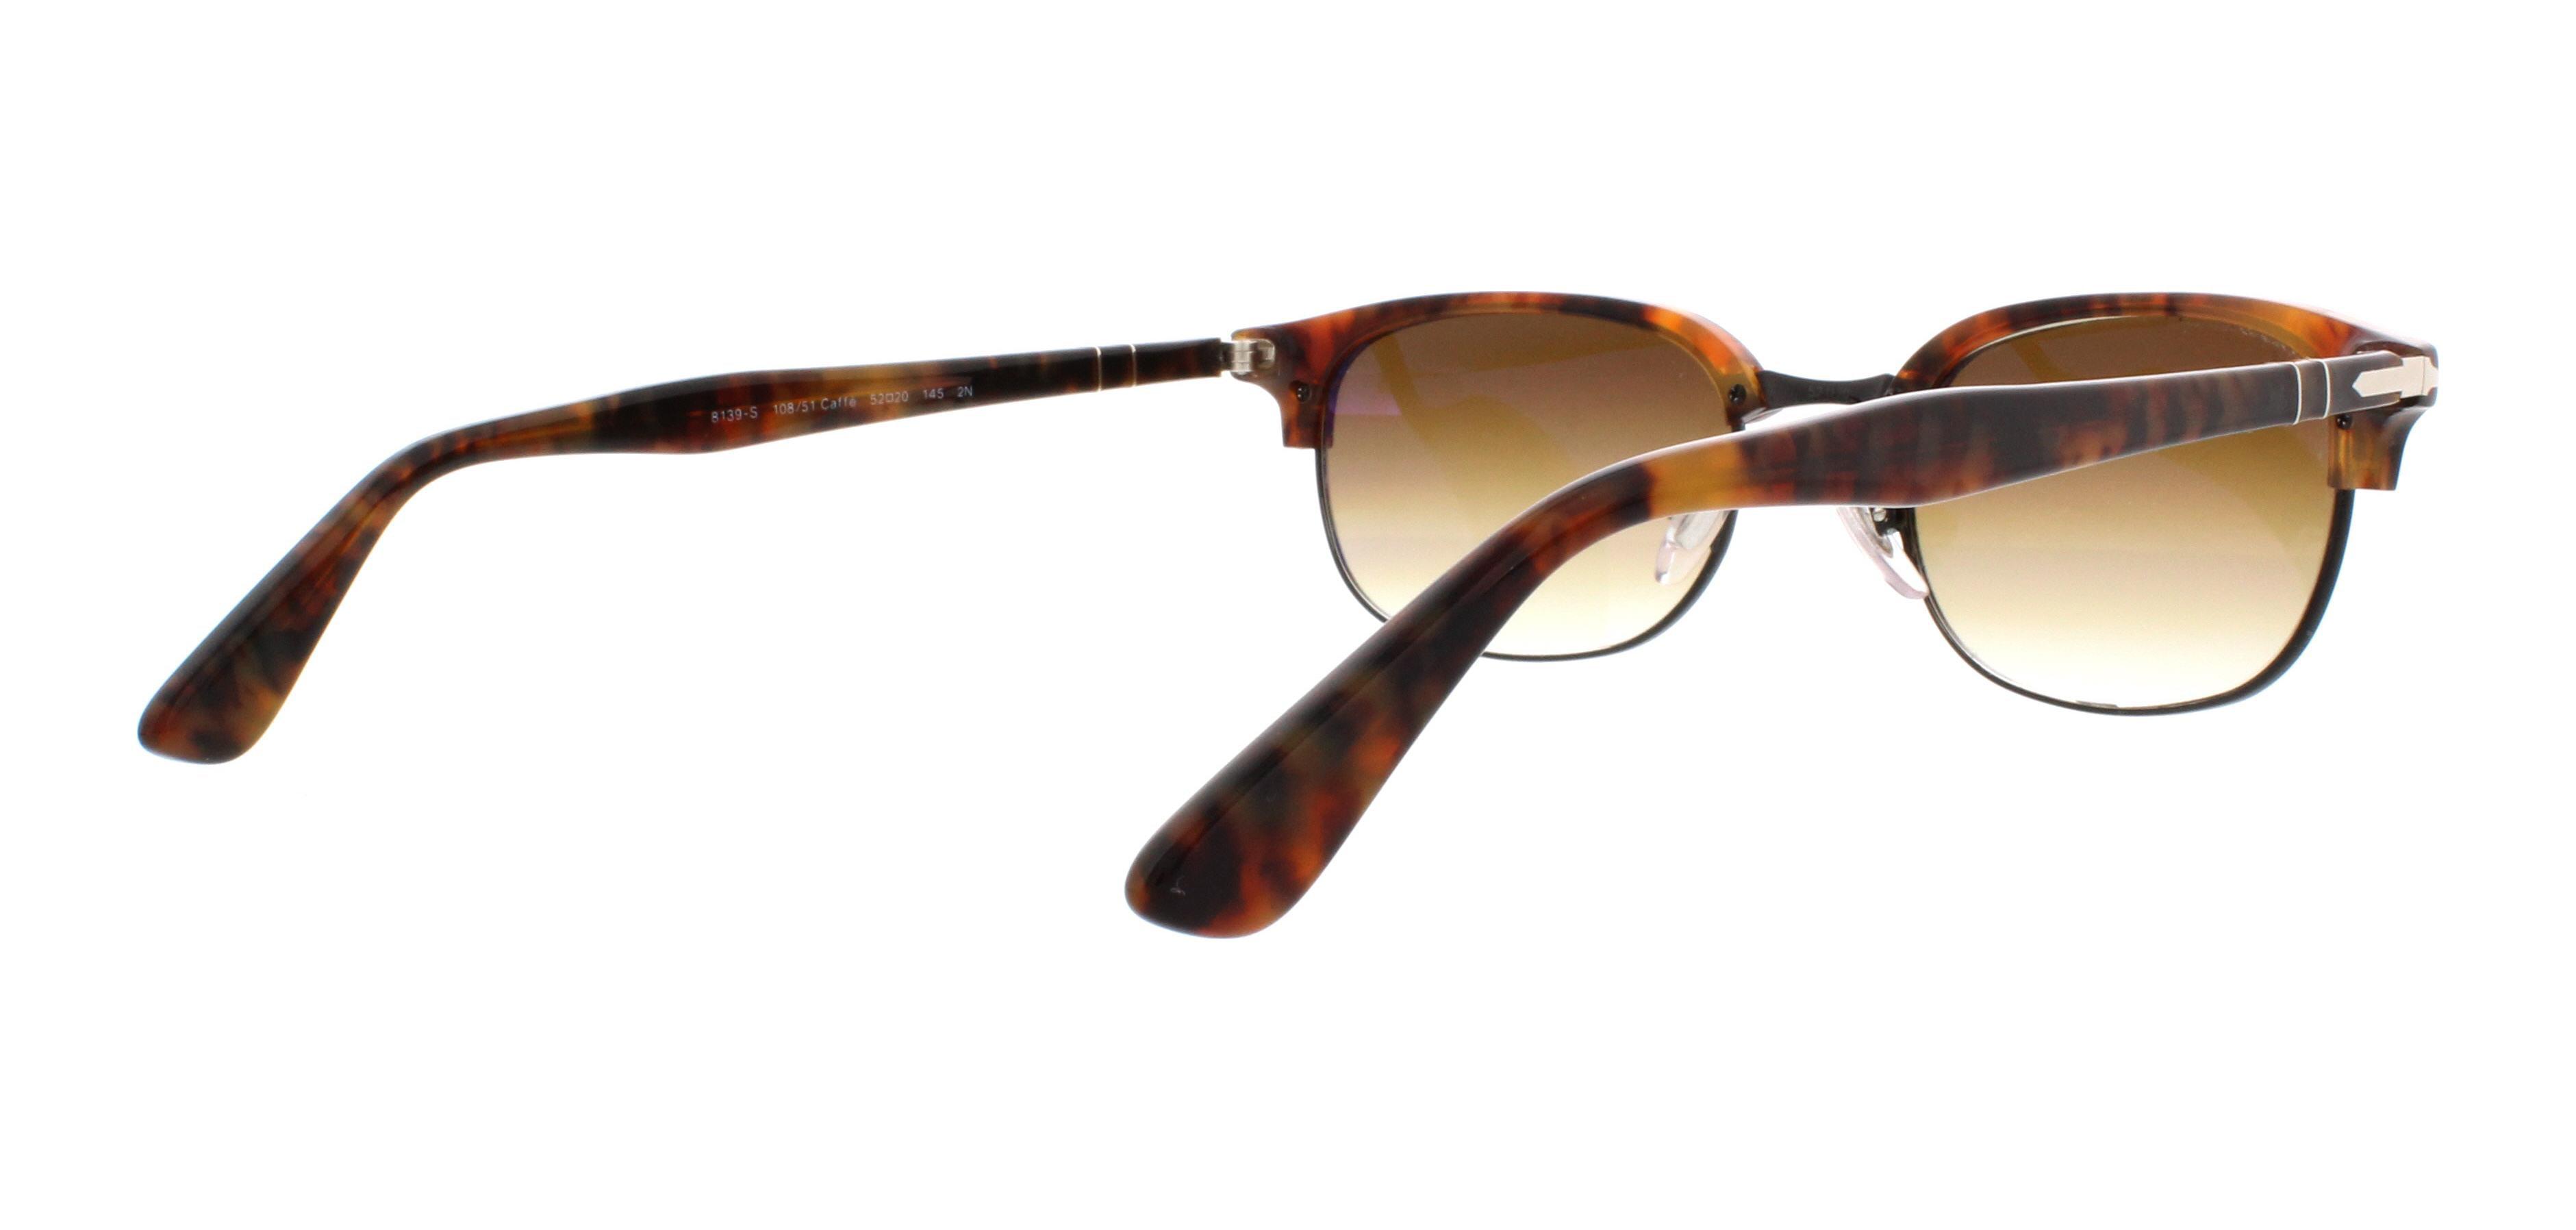 ccd45466d3 Persol - PERSOL Sunglasses PO 8139S 108 51 Cafe  52MM - Walmart.com